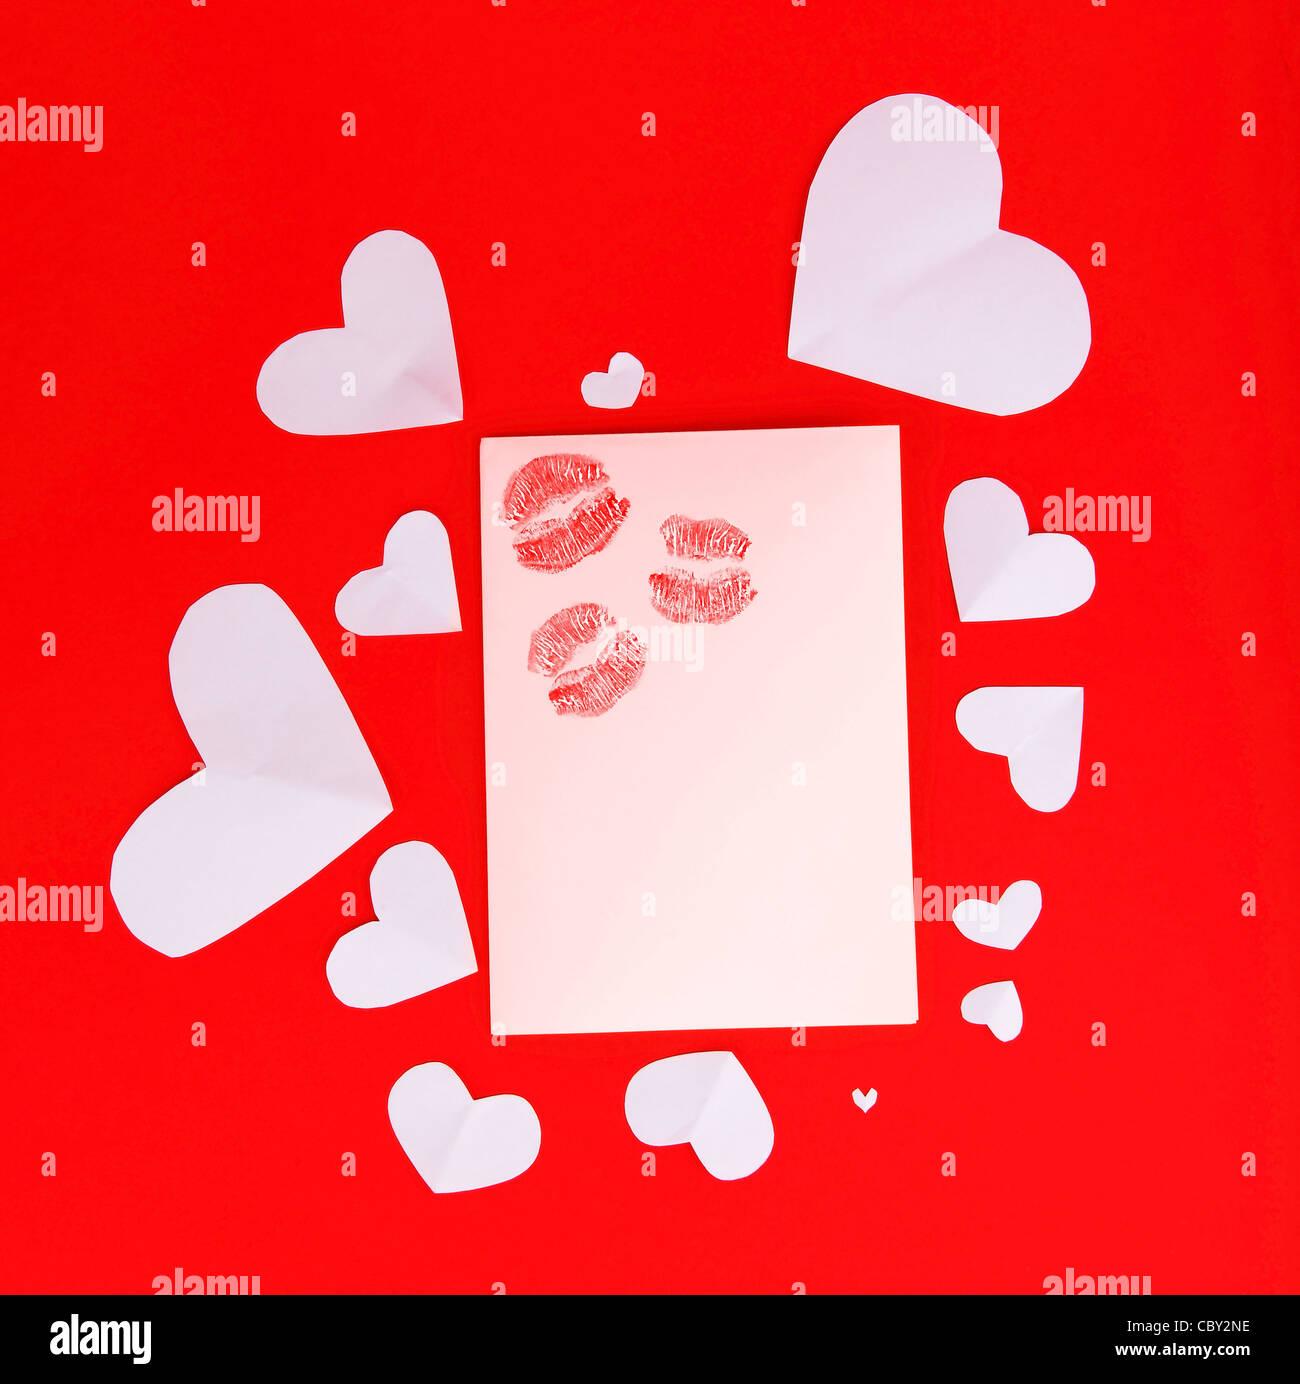 Scheda vuota con baci rosso isolato su sfondo rosso, immagine concettuale di amore & vacanza di San Valentino Immagini Stock